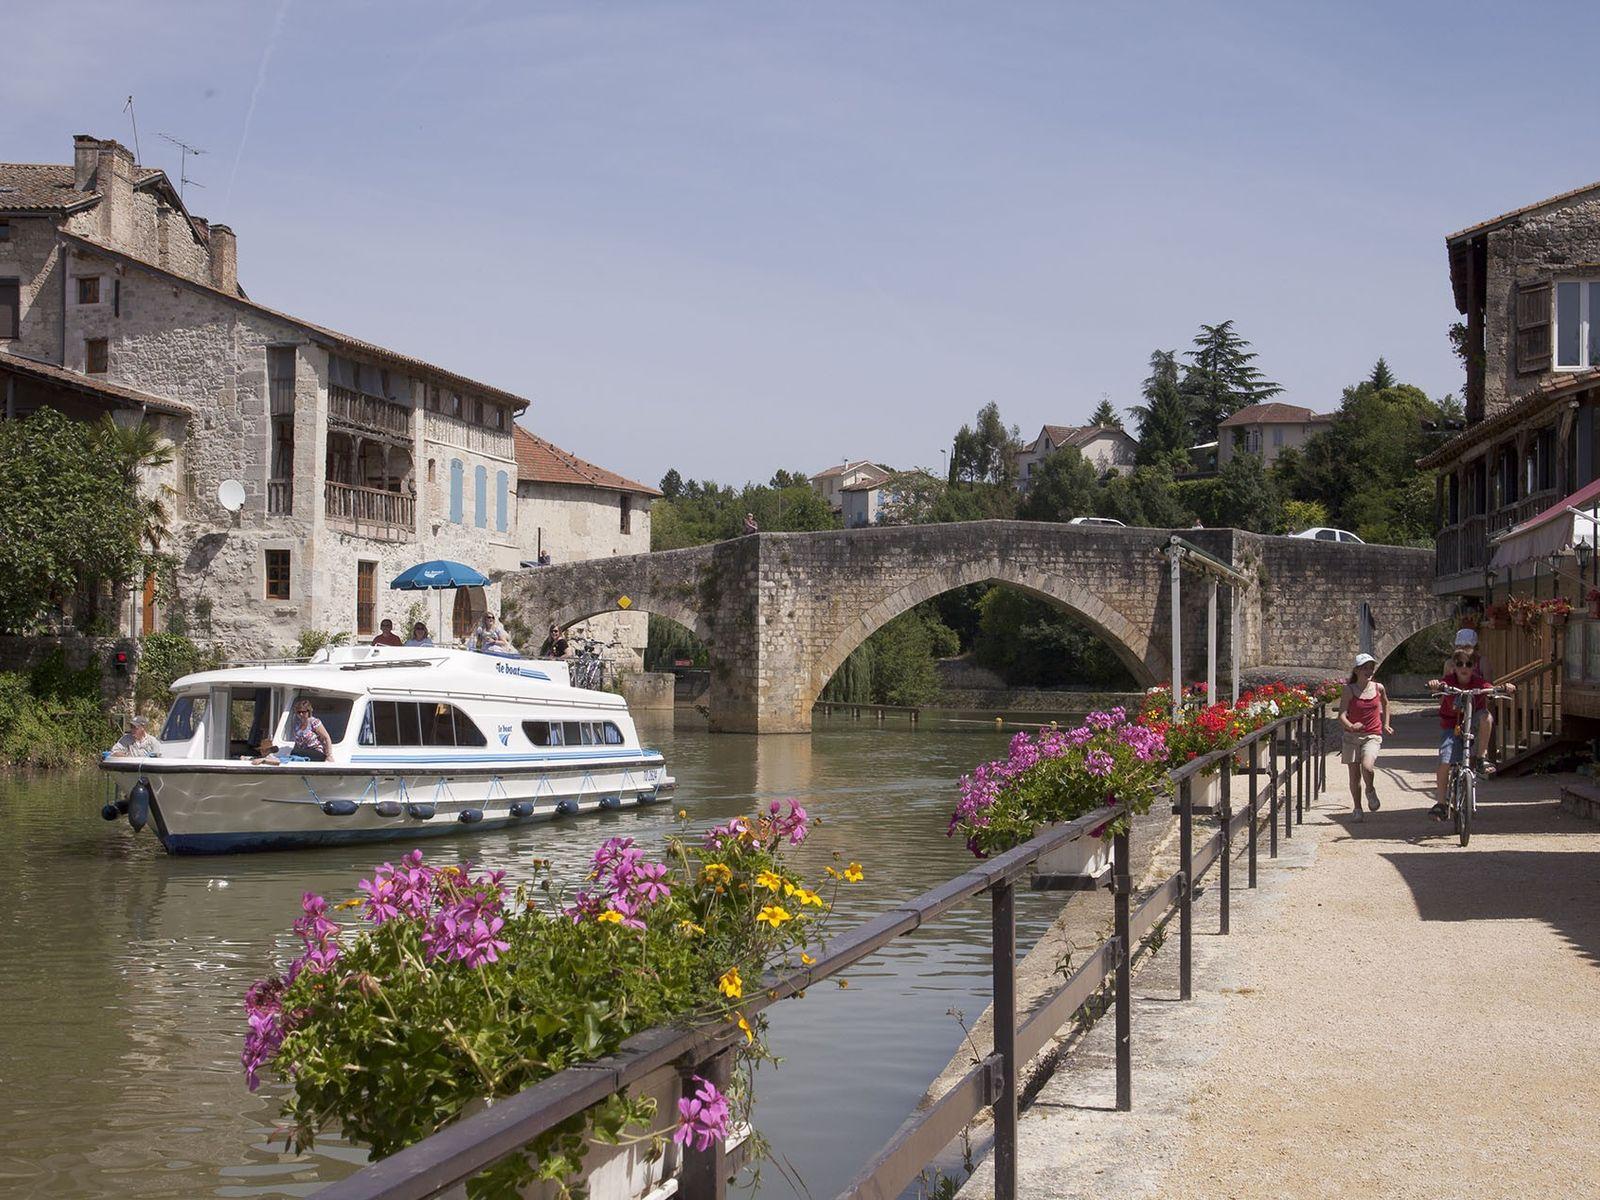 Boating in France.